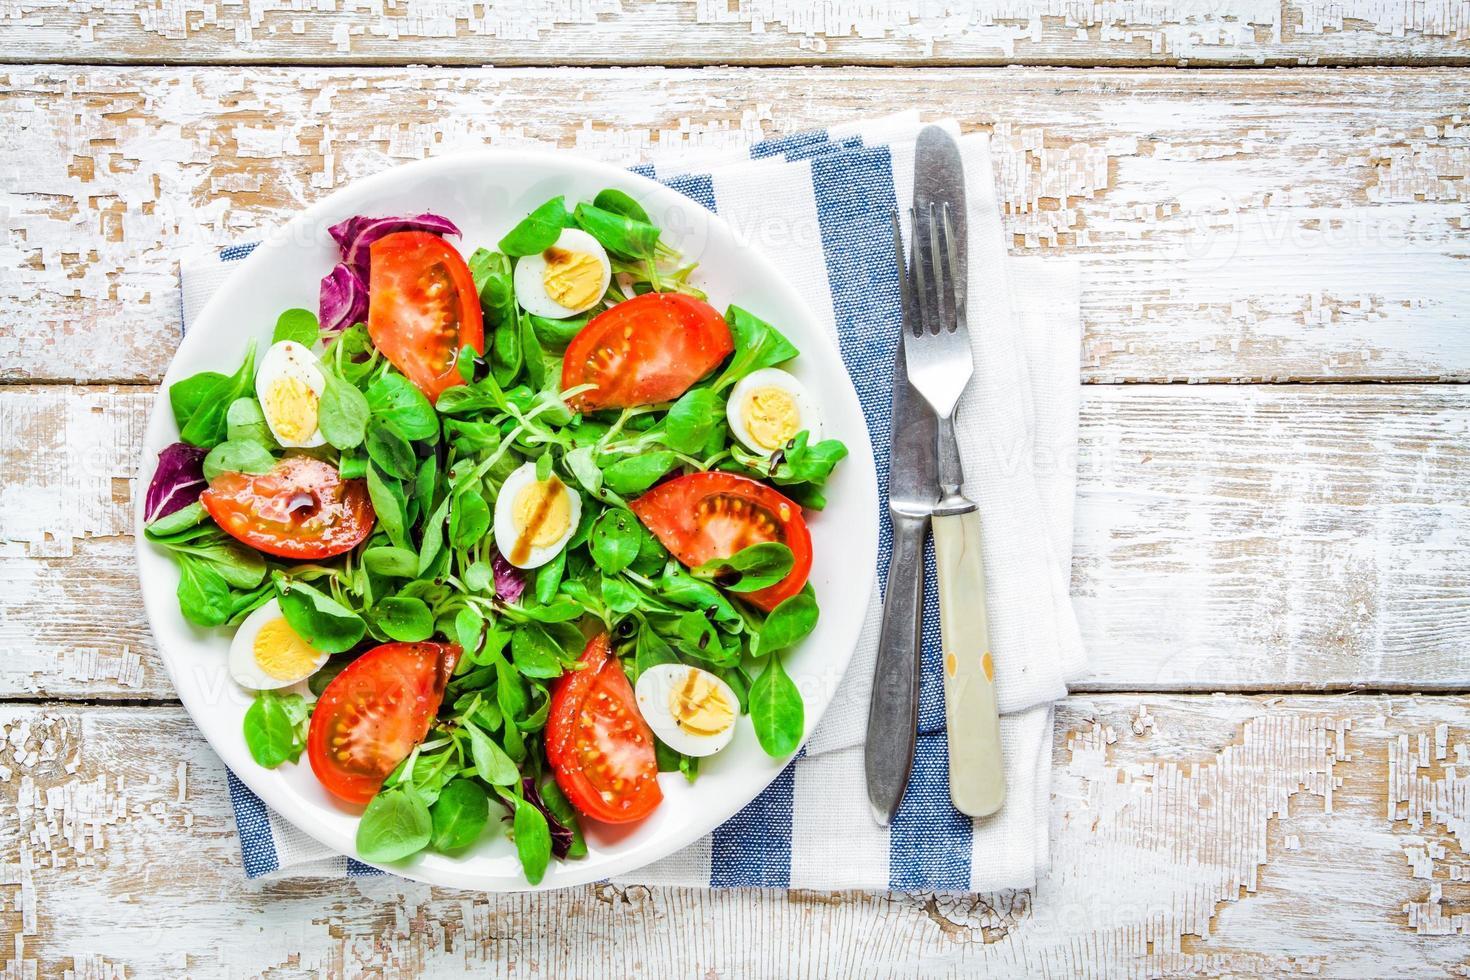 frischer grüner Salat mit Lammsalat, Tomaten und Wachteleiern foto